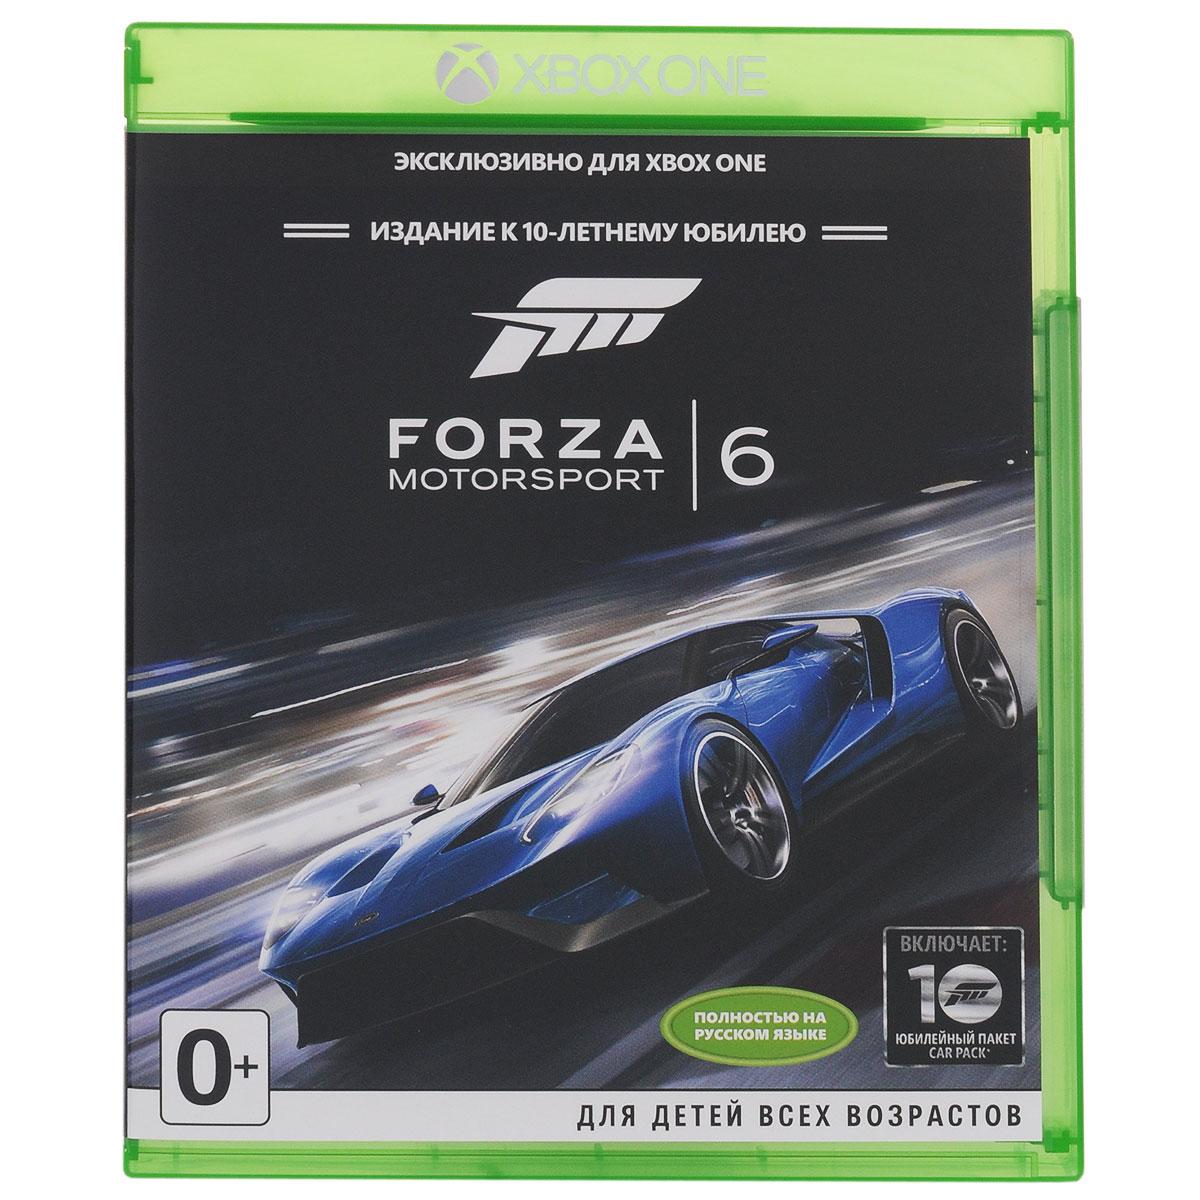 Forza Motorsport 6Forza Motorsport 6 - это кинематографичное автомобильное приключение с участием лучших в мире автомобилей и трасс. Особенности: Не гоняйся в одиночку - Облачная технология Drivatar позволяет играть с виртуальными соперниками точно так же, как с вашими друзьями. Невероятно реалистичное изображение - Новый графический движок делает текстуры необыкновенно реалистичными. Вы можете заметить даже колебания воздуха в разрешении 1080p и 60fps. Машины, о которых вы всегда мечтали - Сотни идеально воссозданных на экране машин, включая классические спорткары, самые последние новинки автопрома и формульные болиды. В преддверии выхода Forza Motorsport 6 для Xbox One 18 сентября пользователи консоли получили возможность загрузить демонстрационную версию игры, чтобы испытать возможности самой красивой и реалистичной автогонки этого поколения. Кроме того, корпорация Microsoft раскрыла подробности об испытании Forza Fuel и автомобилях, которые...